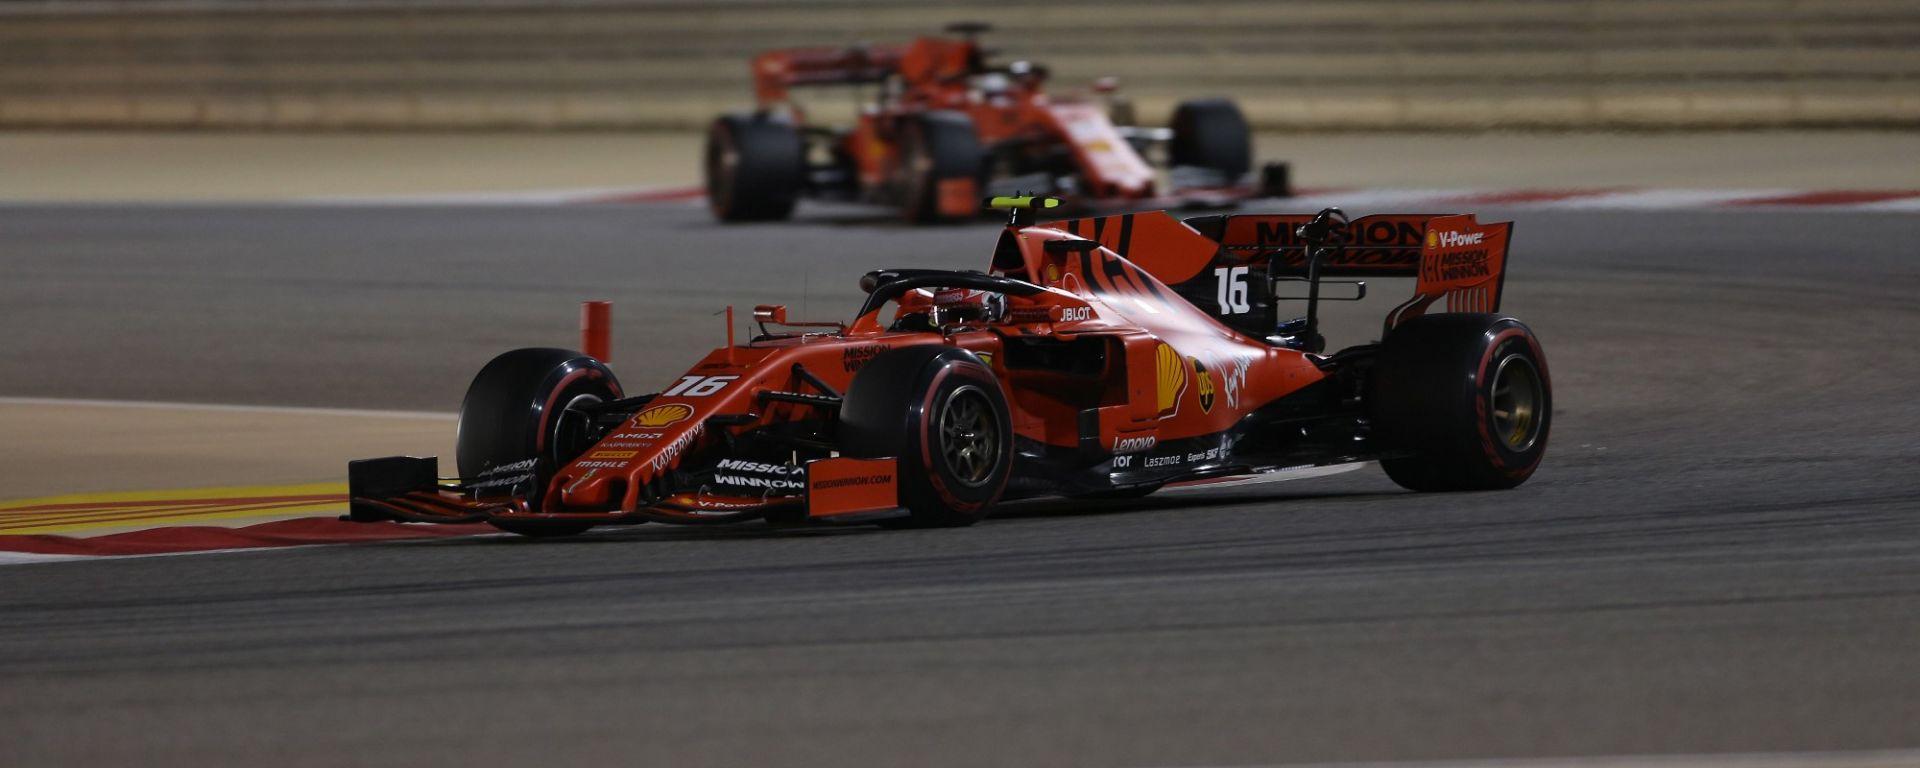 """F1 Bahrain, Leclerc: """"Bella sensazione avere il passo per vincere"""""""